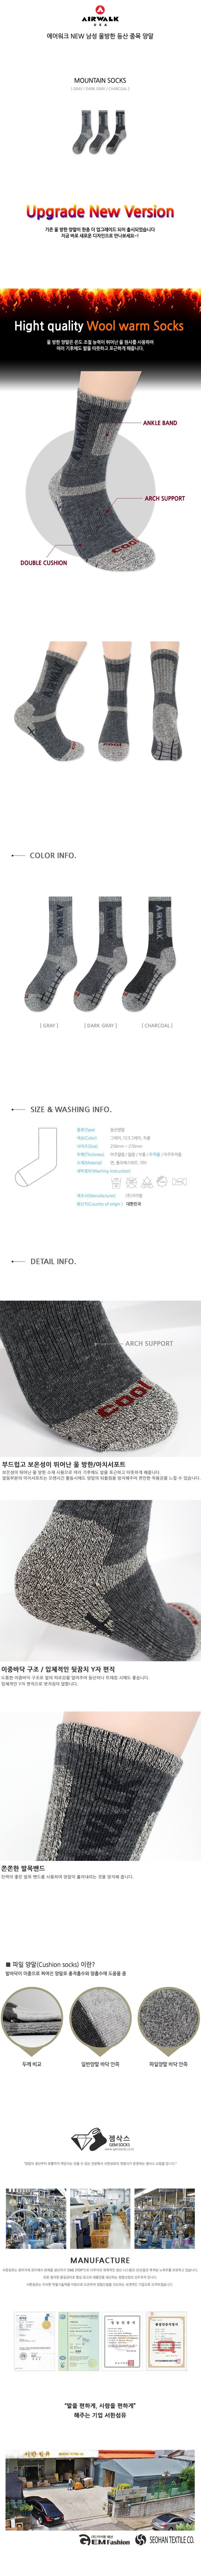 에어워크 남성 울방한 등산 중목 양말 CH1350538 - 익스트리모, 2,370원, 등산용품, 등산의류/패션잡화